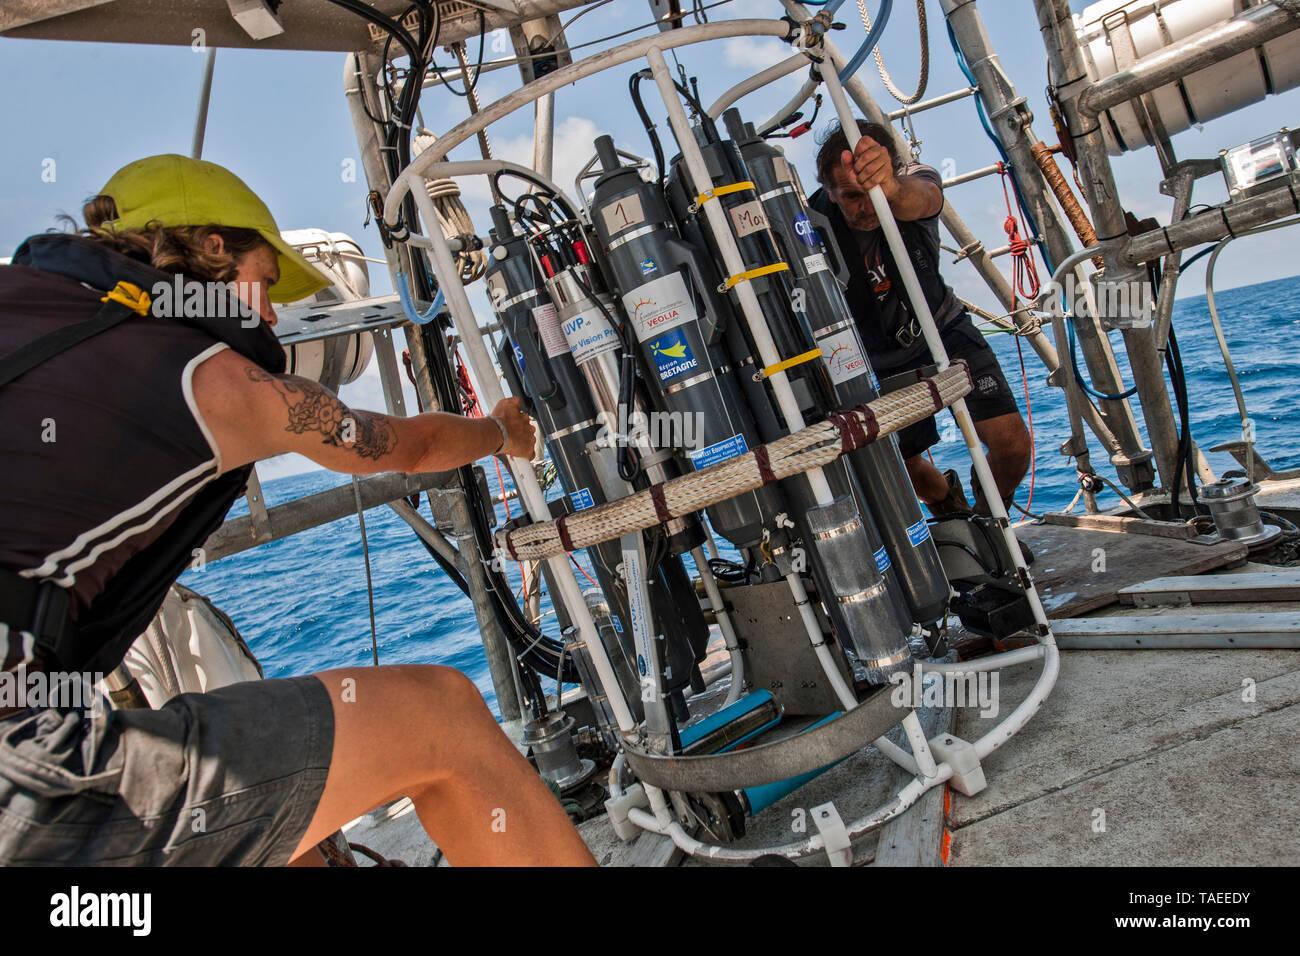 Tara Oceans Expeditions - Mayo de 2011. El ocean sunfish, Mola mola mola, o común, es la mayor conocida en el mundo de peces óseos. Tiene un peso promedio de los adultos de 1.000 kg (2.200 lb). La especie es nativa de las aguas tropicales y templadas de todo el mundo. Se asemeja a una cabeza de pescado con una cola, y su cuerpo principal está aplanado lateralmente. Sunfish pueden ser tan altos como son largos cuando sus aletas dorsal y ventral están extendidos. Sunfish viven en una dieta que consiste principalmente de medusas, sino porque este Foto de stock